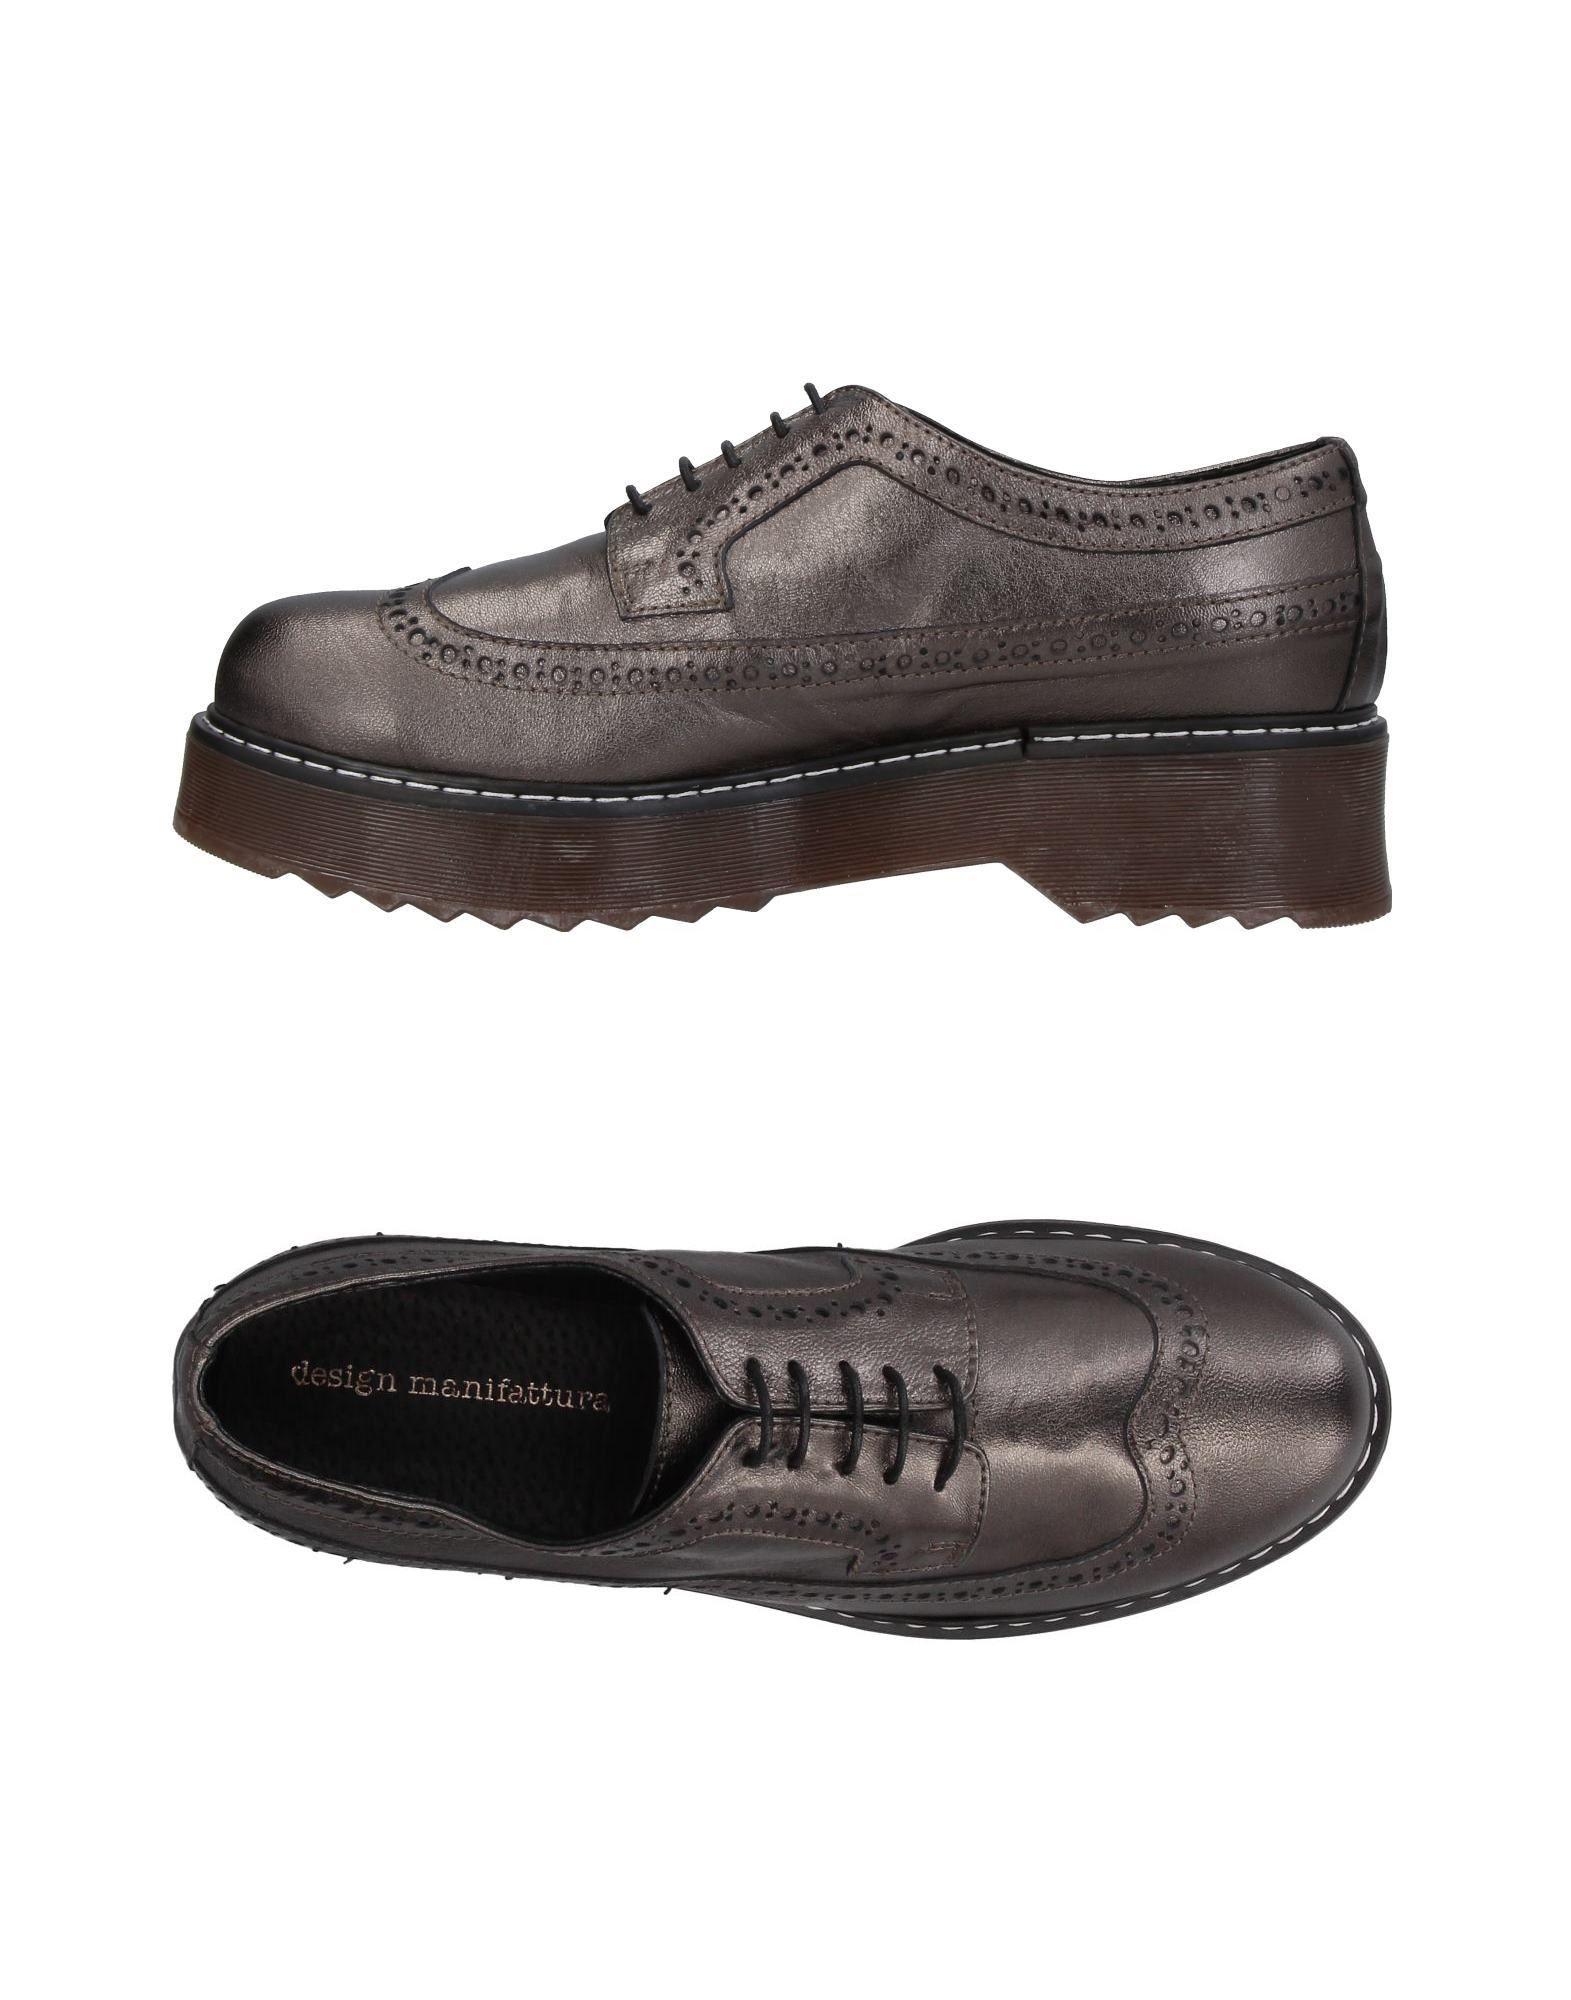 Chaussures À Lacets Design Manifattura Femme - Chaussures À Lacets Design Manifattura sur